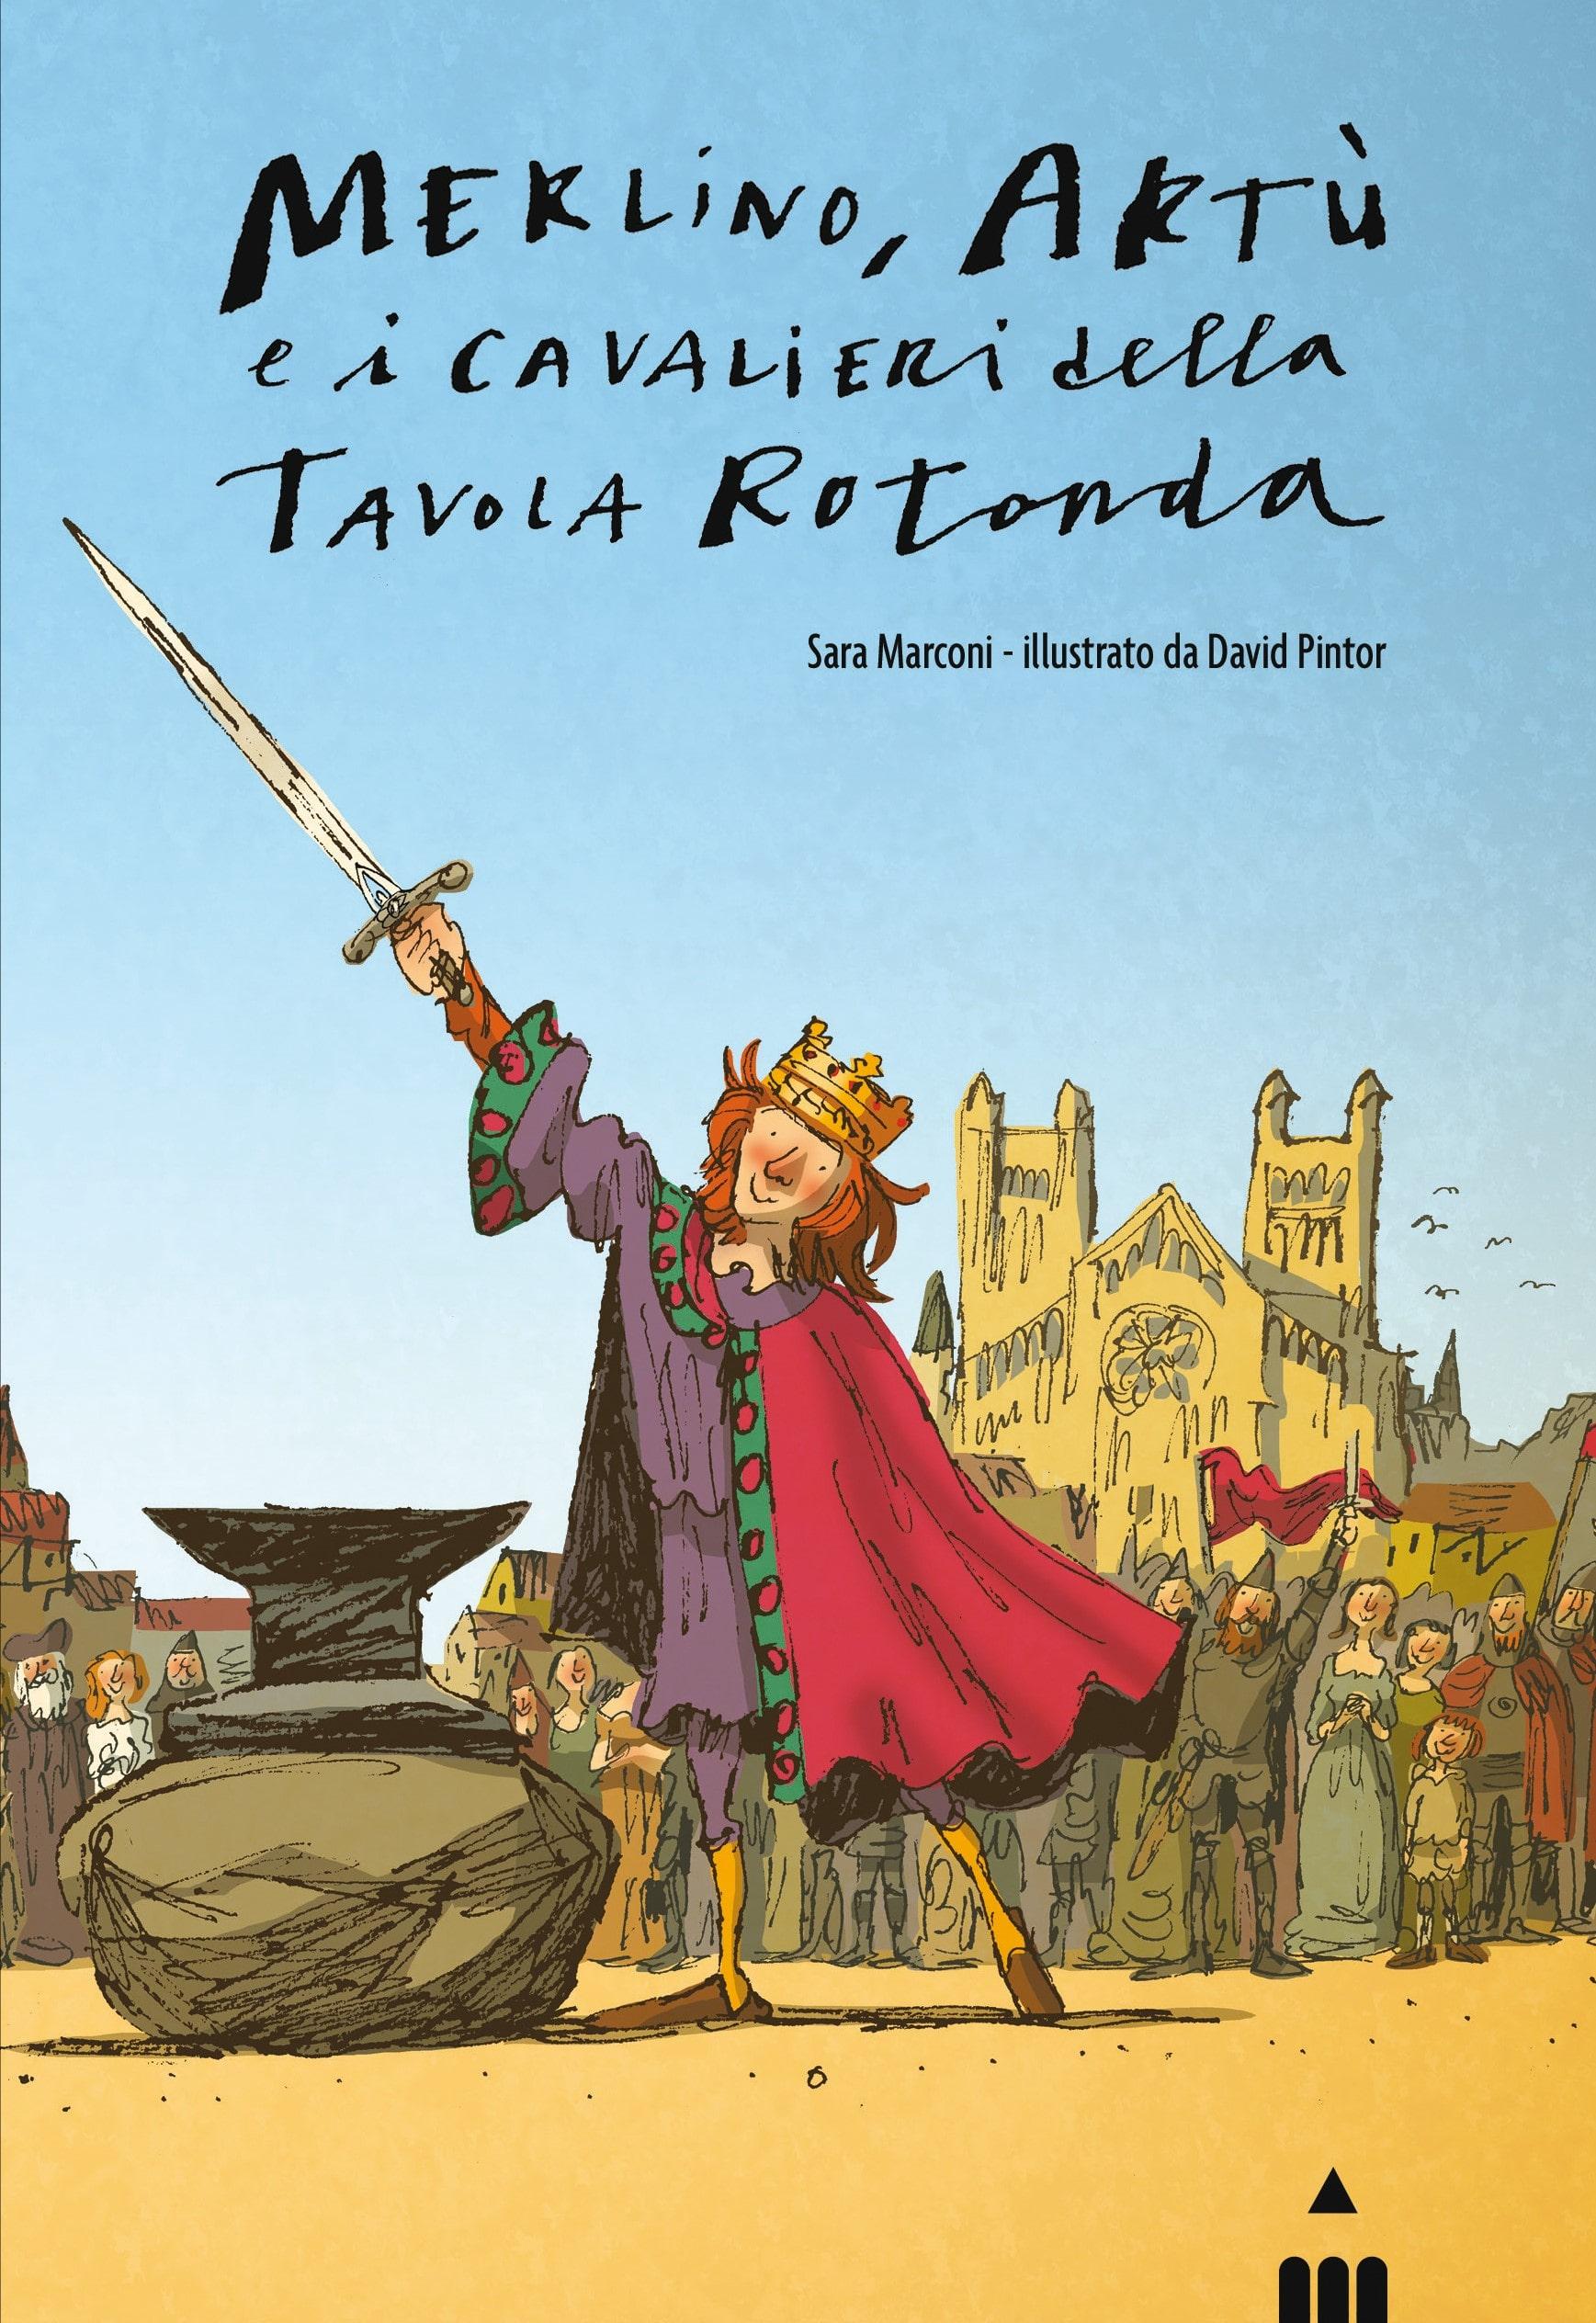 Merlino, Artù e i cavalieri della tavola rotonda, libri per bambini 2021